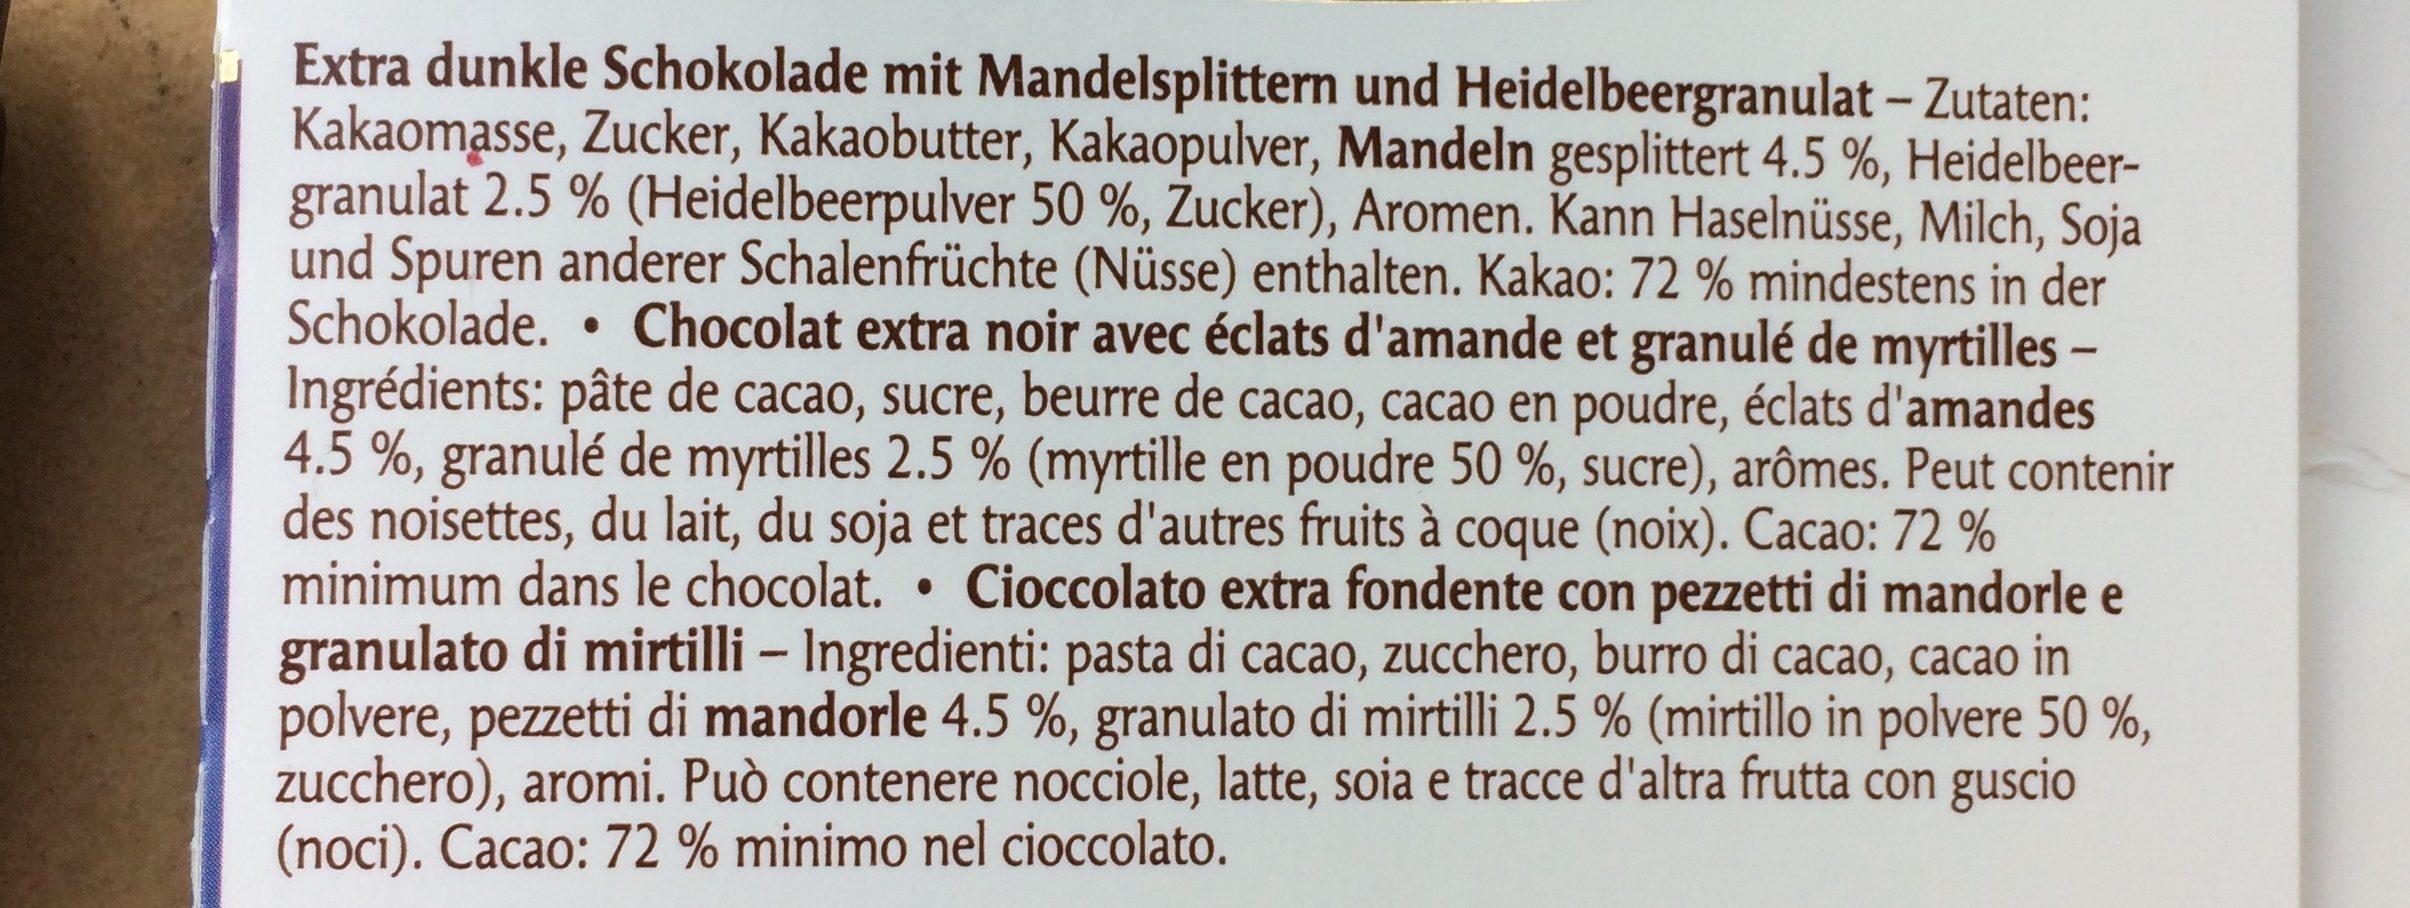 Supreme Amandes & Myrtilles - Ingredients